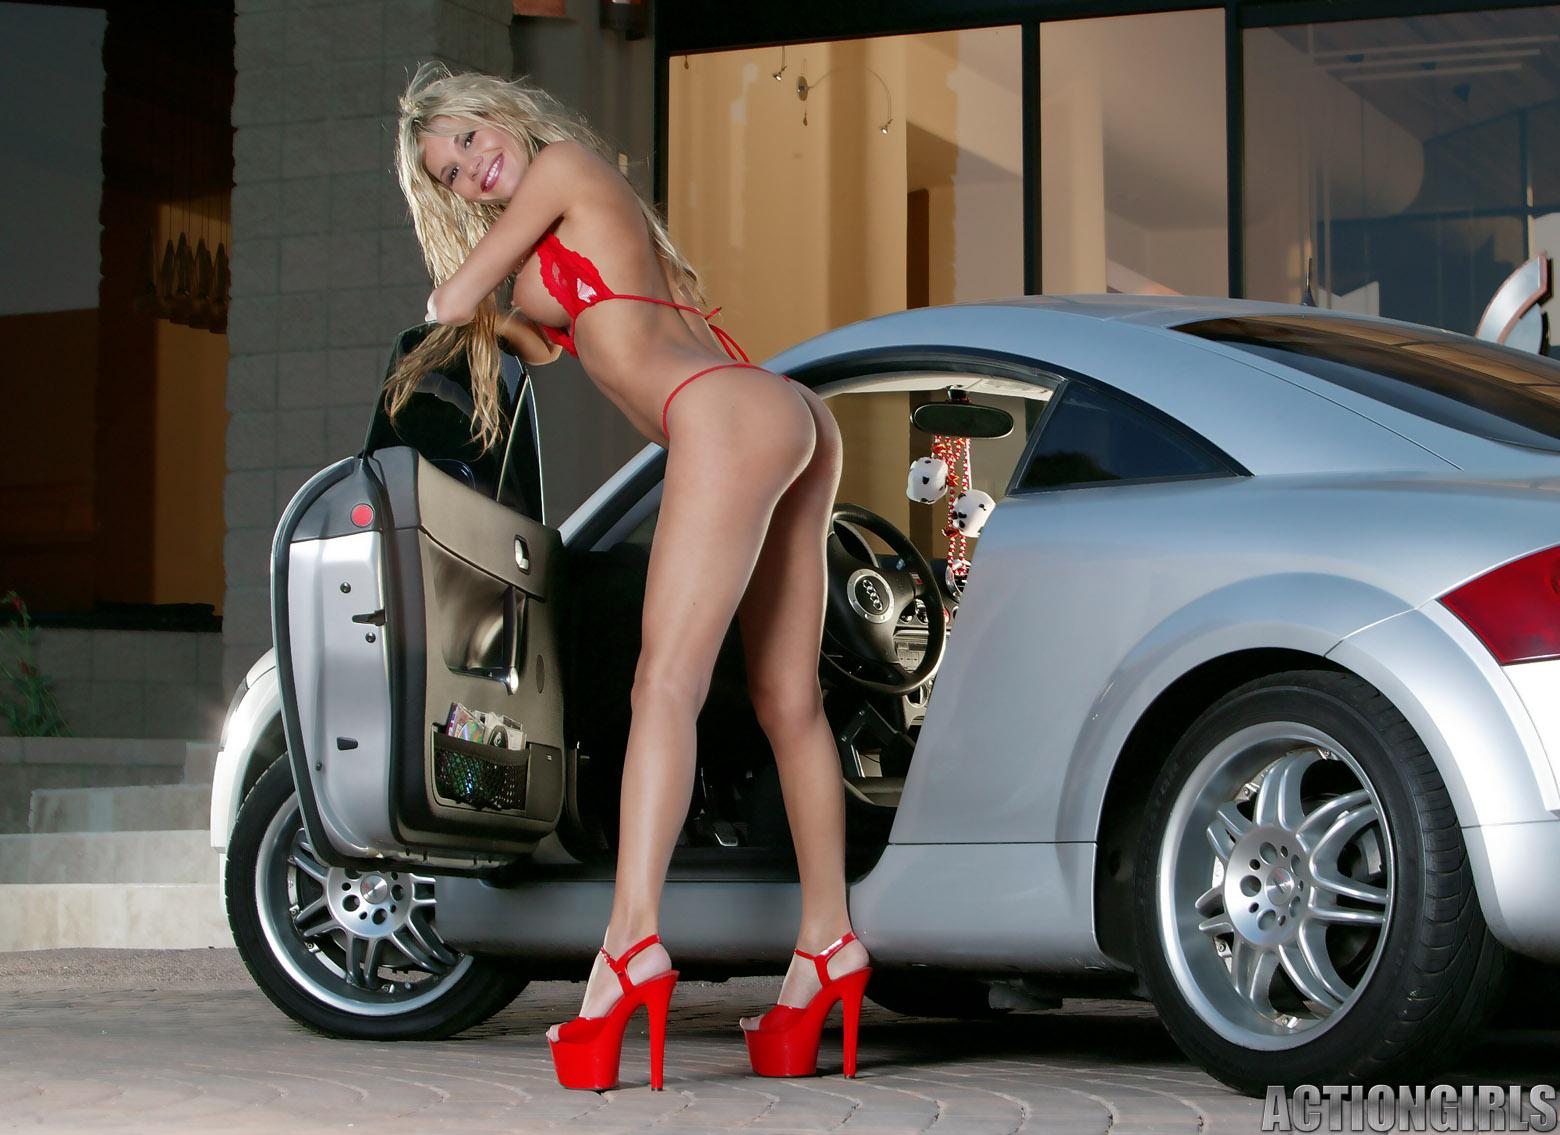 erotika-devushki-i-avto